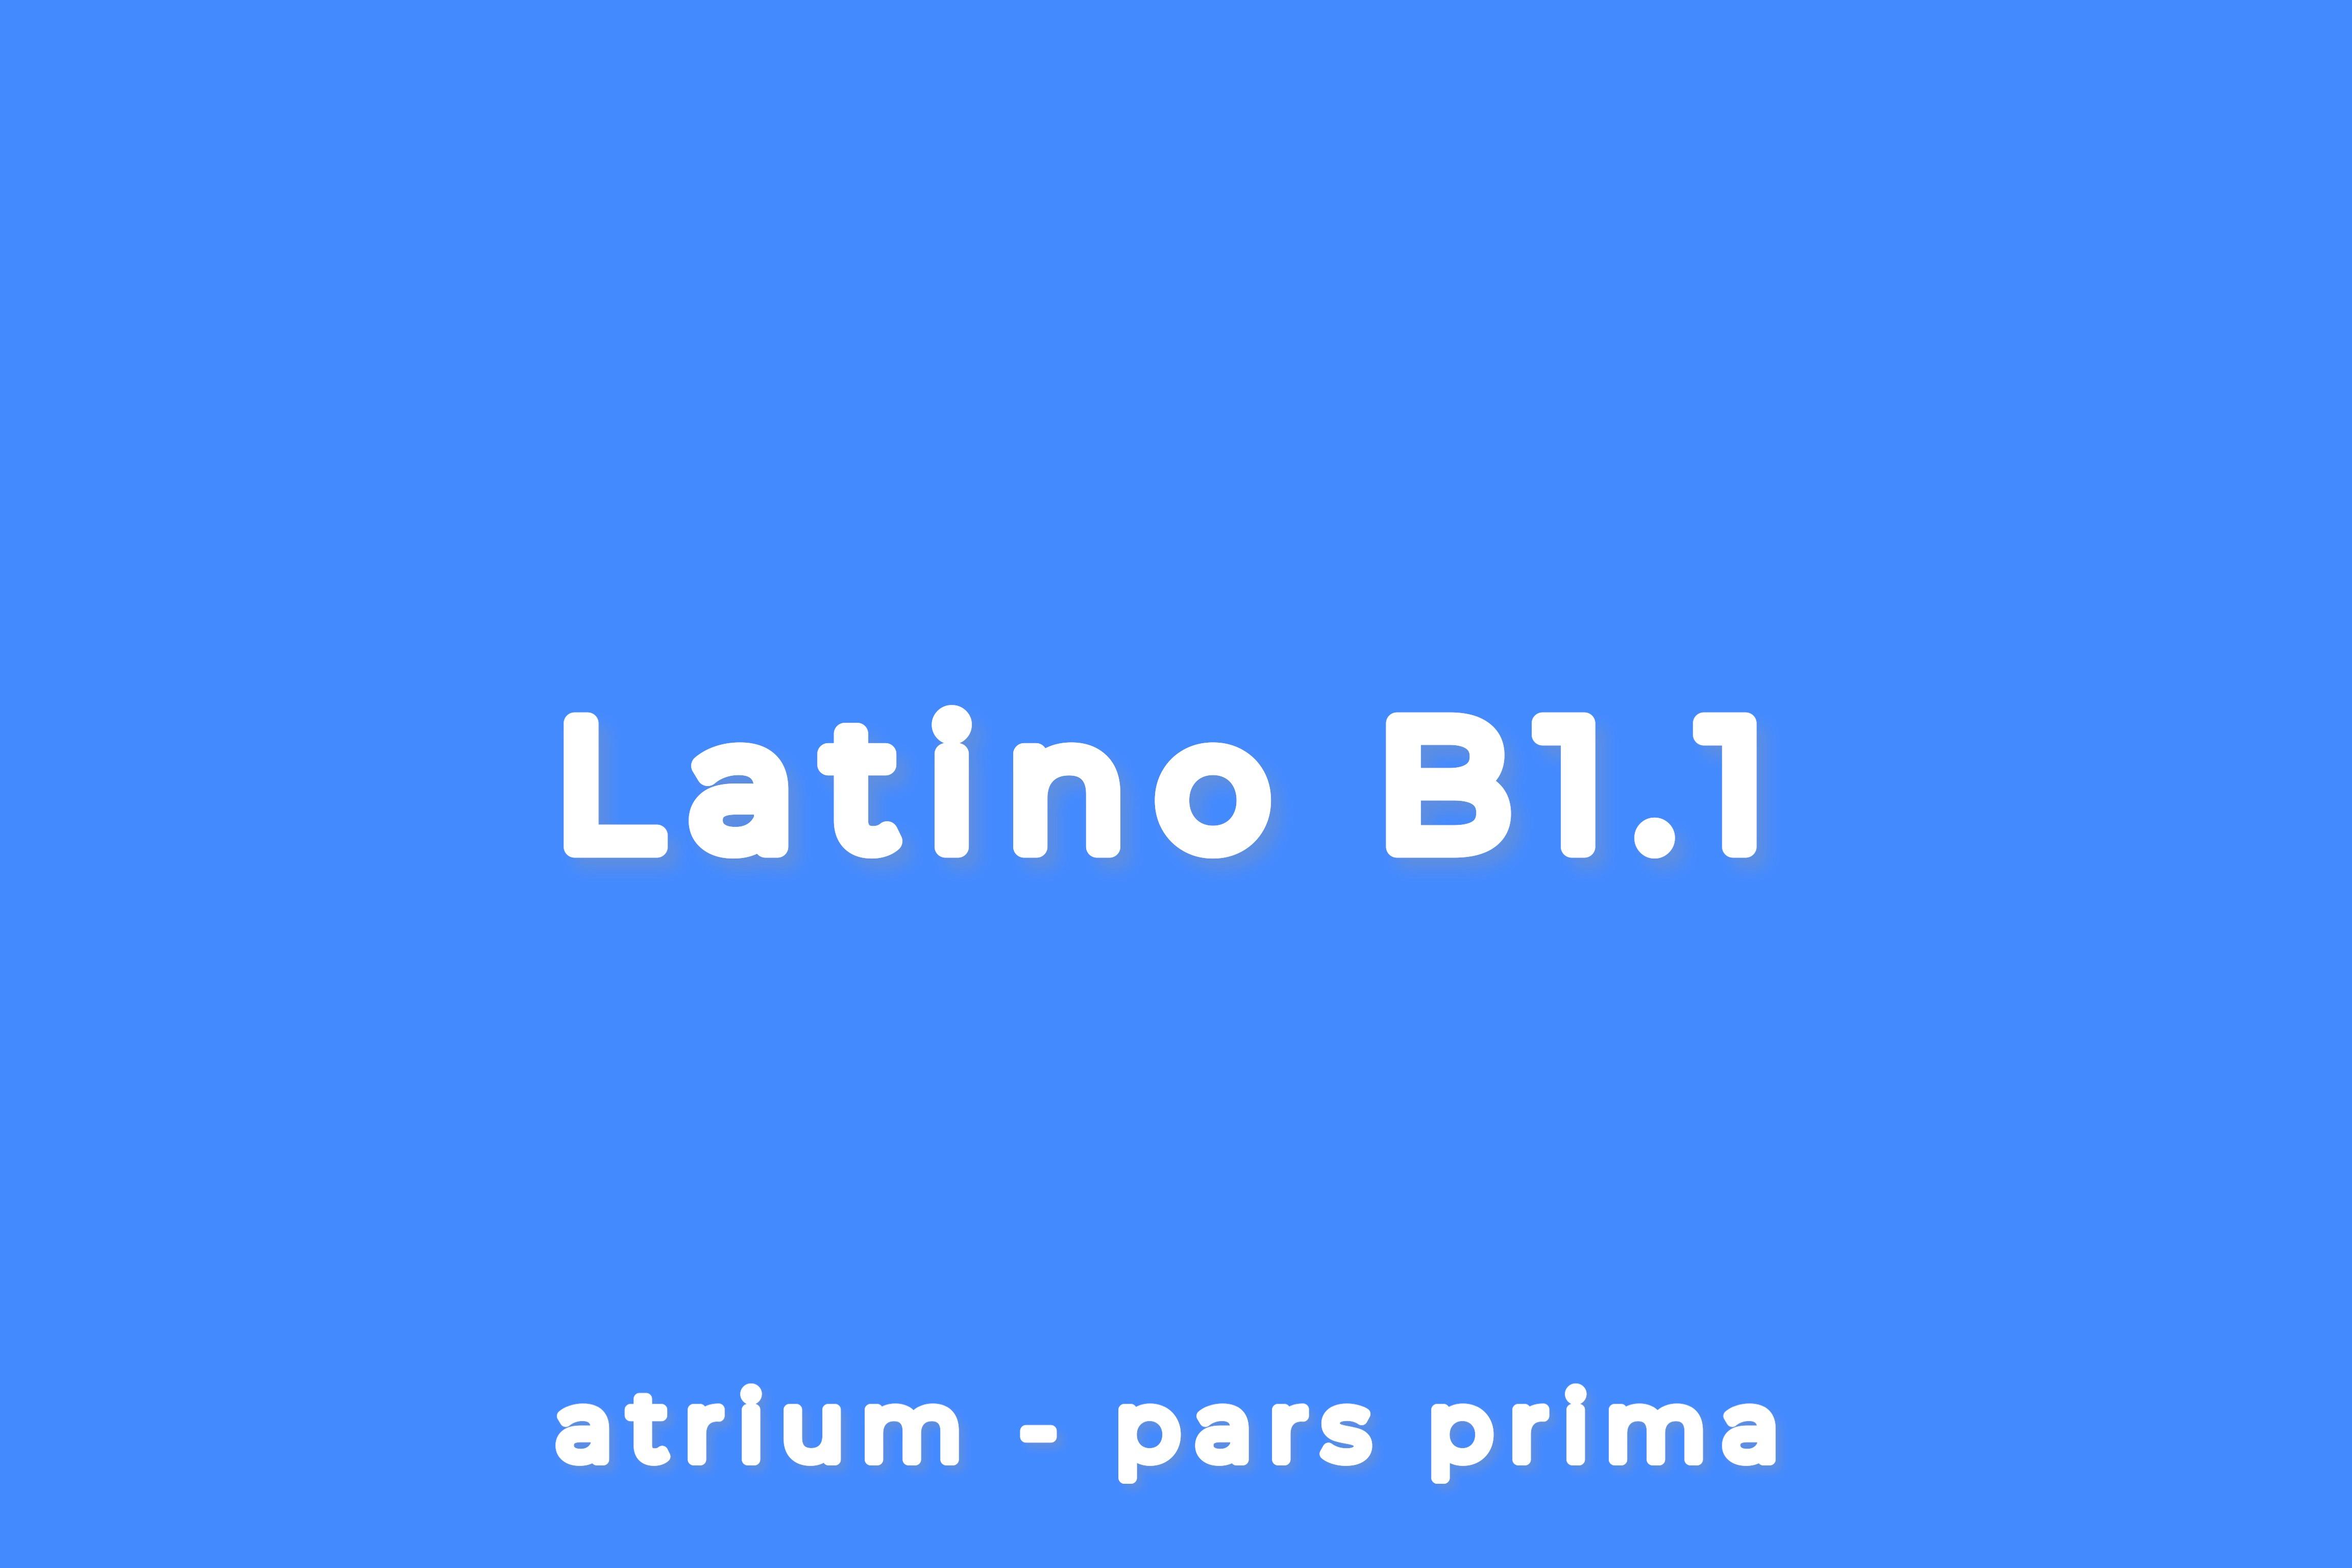 CORSO DI LATINO - LIVELLO B1.1